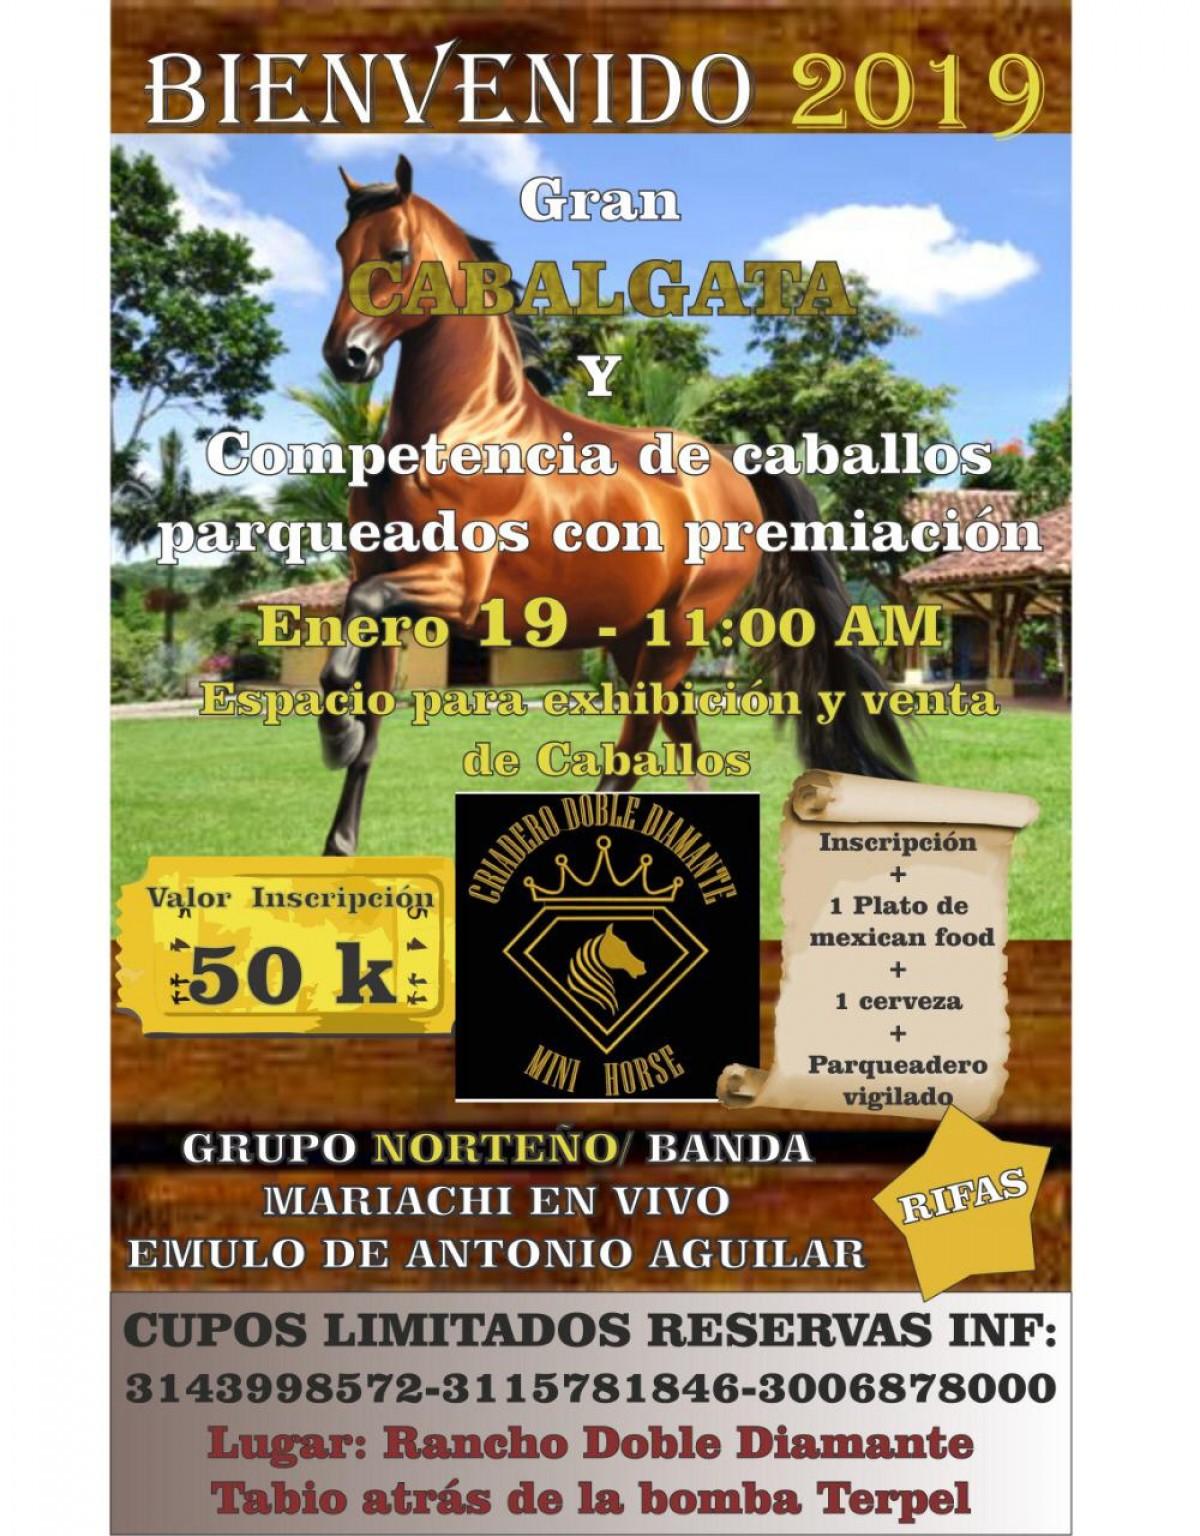 Cabalgata y competencia Caballos Parqueados, 19 de Enero